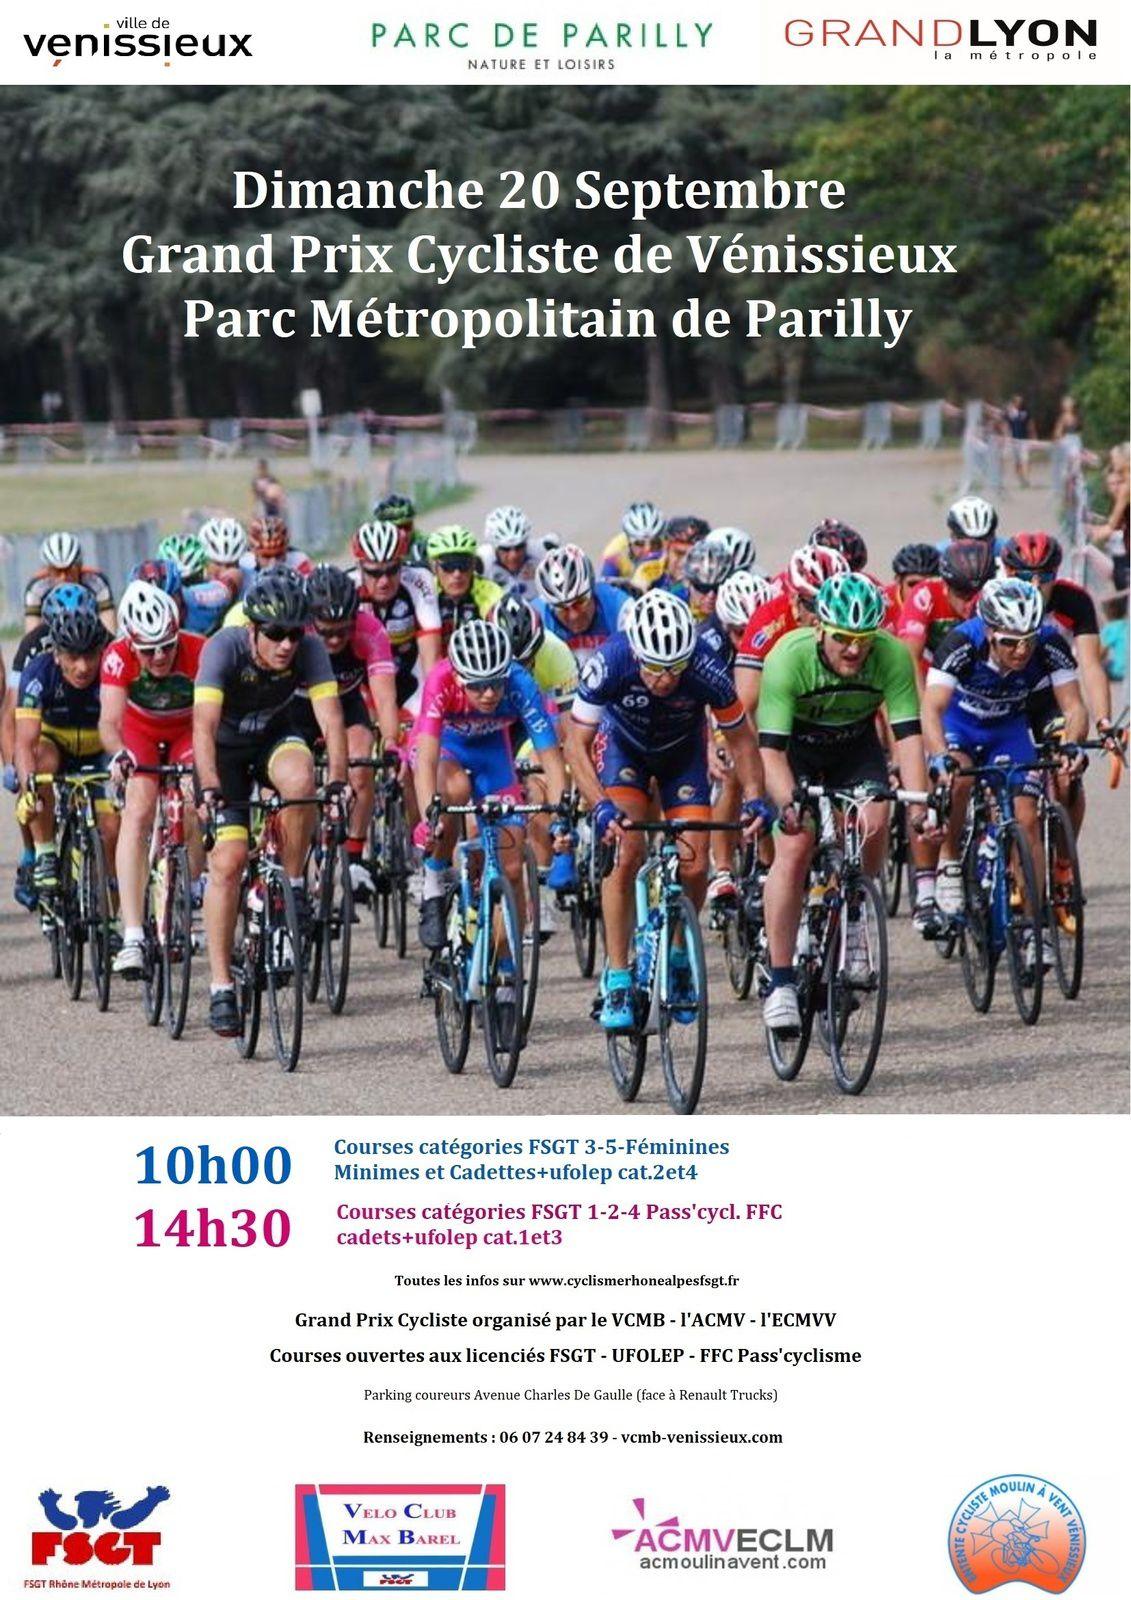 26 ème Prix de la Ville de Vénissieux